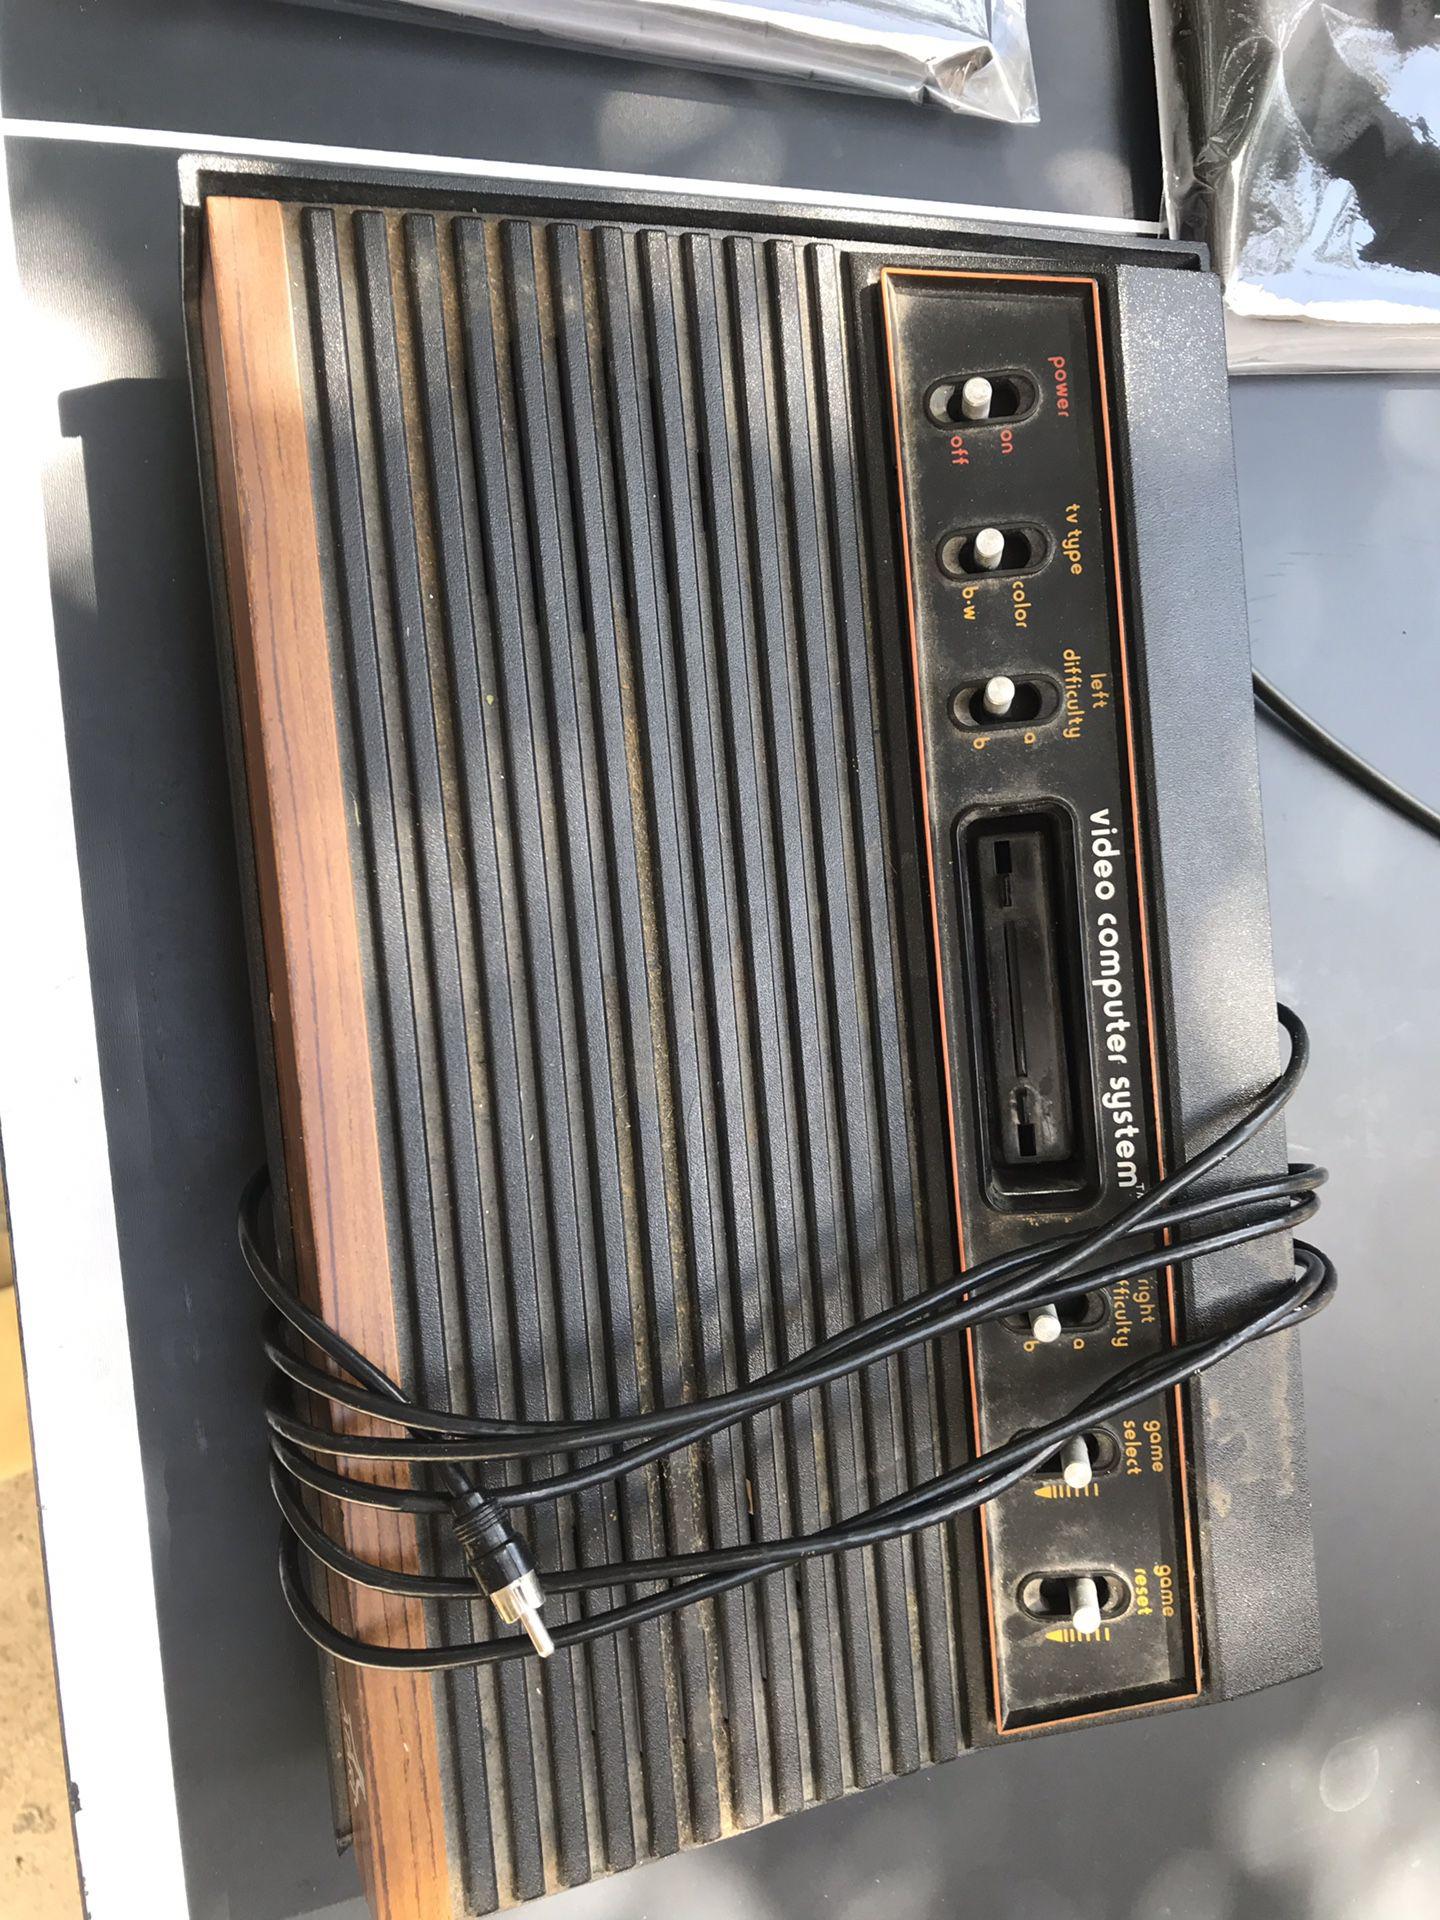 Classic Atari 2600 - parts